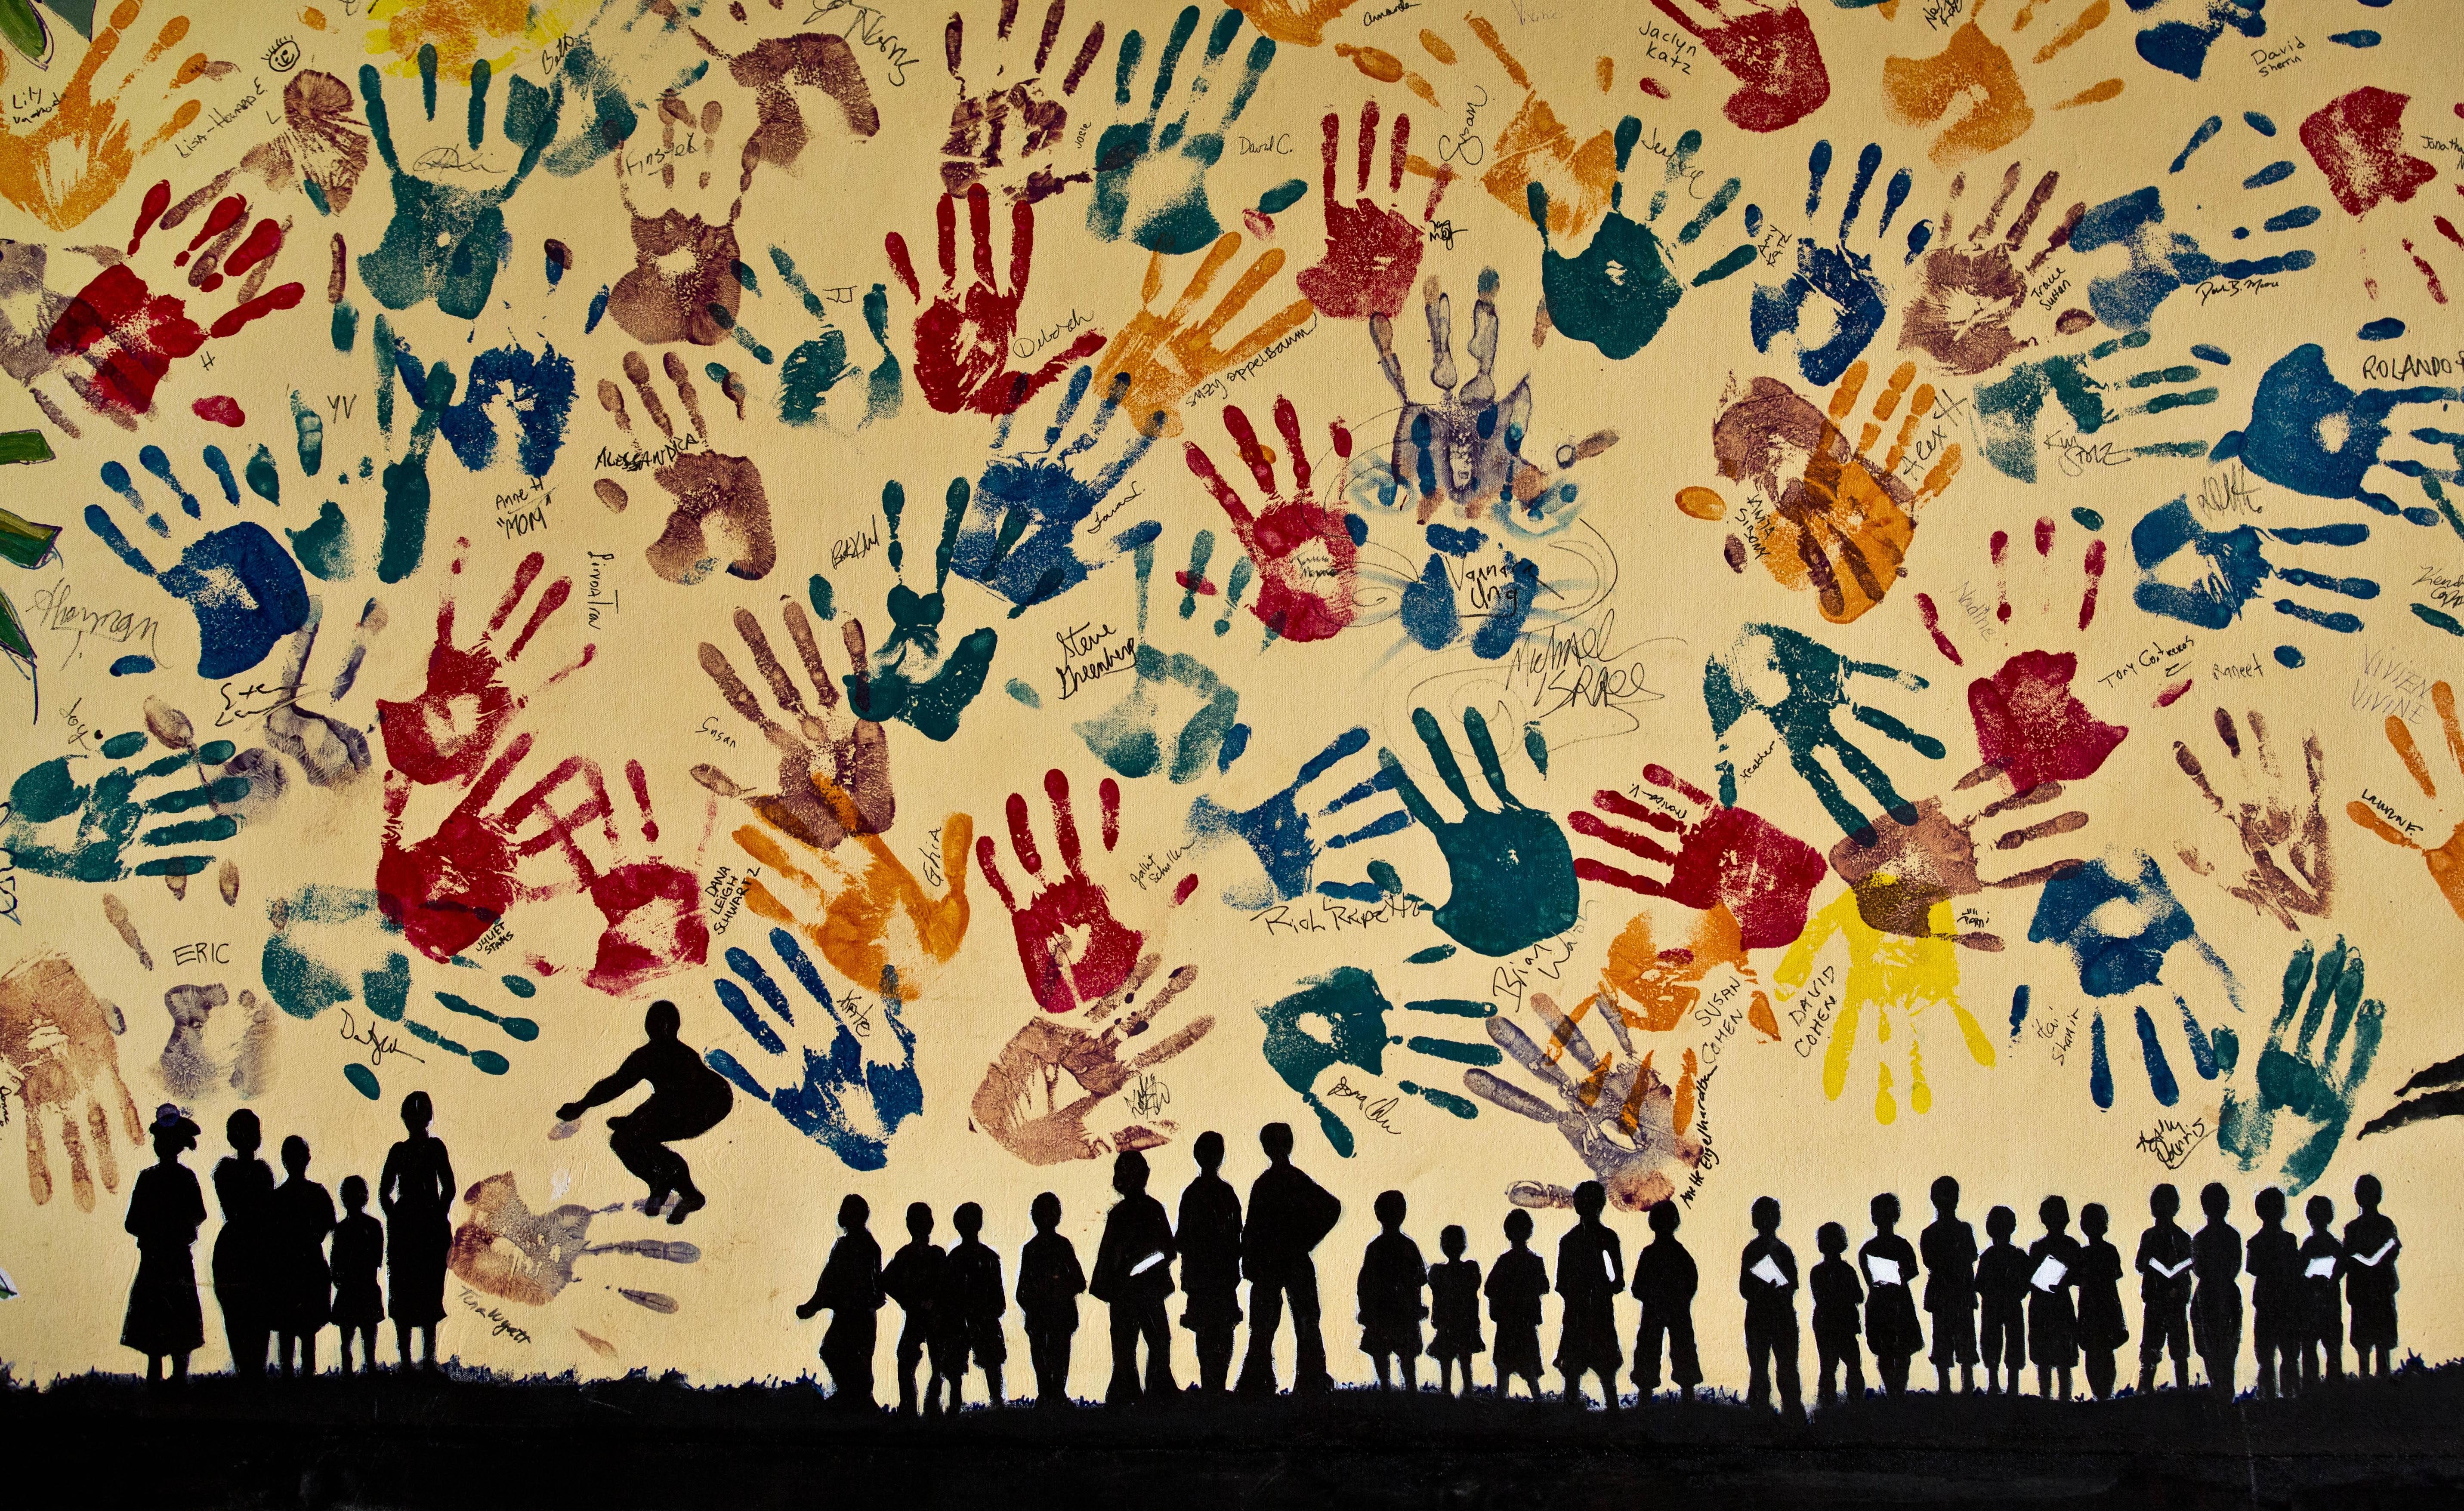 Mur peint par des étudiants pour commémorer le génocide rwandais - Crédit AP